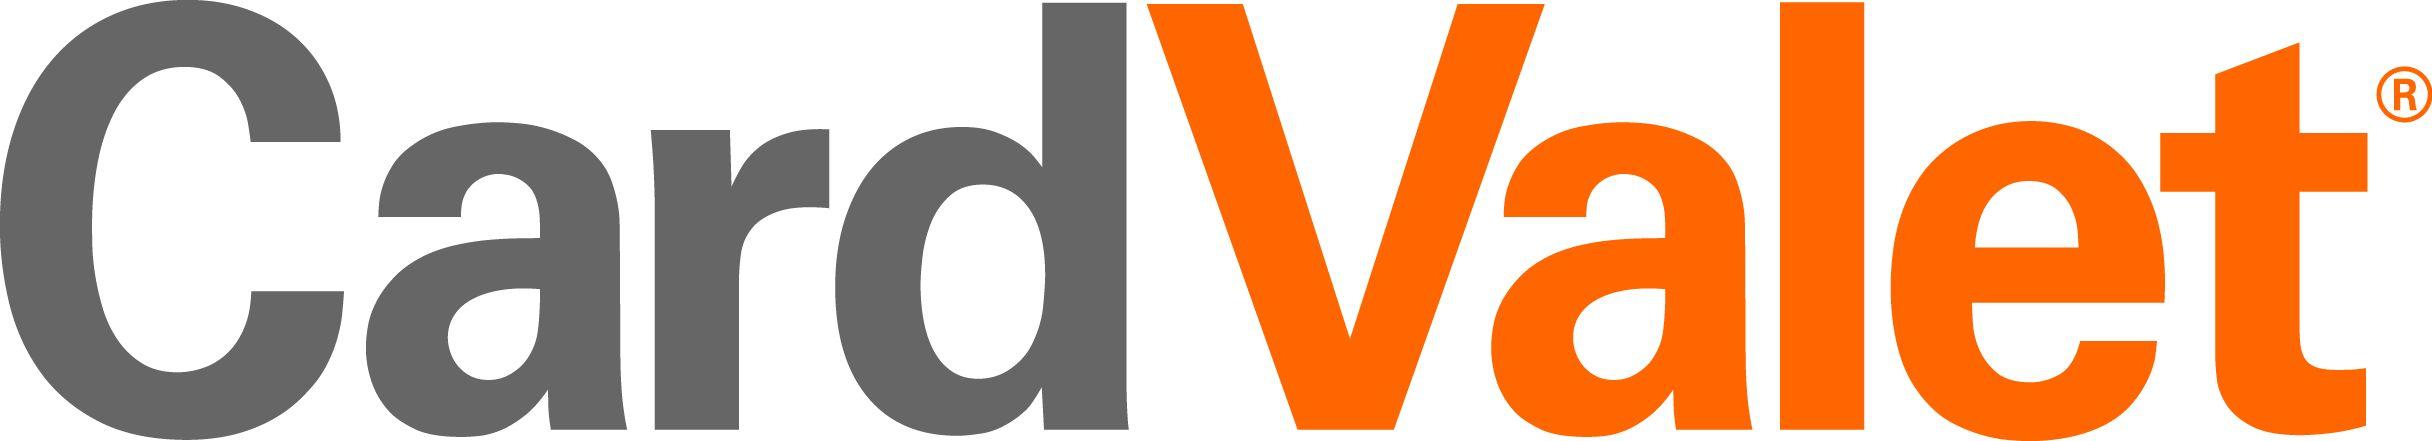 Cardvalet Logo R Grayor Rgb 01ps